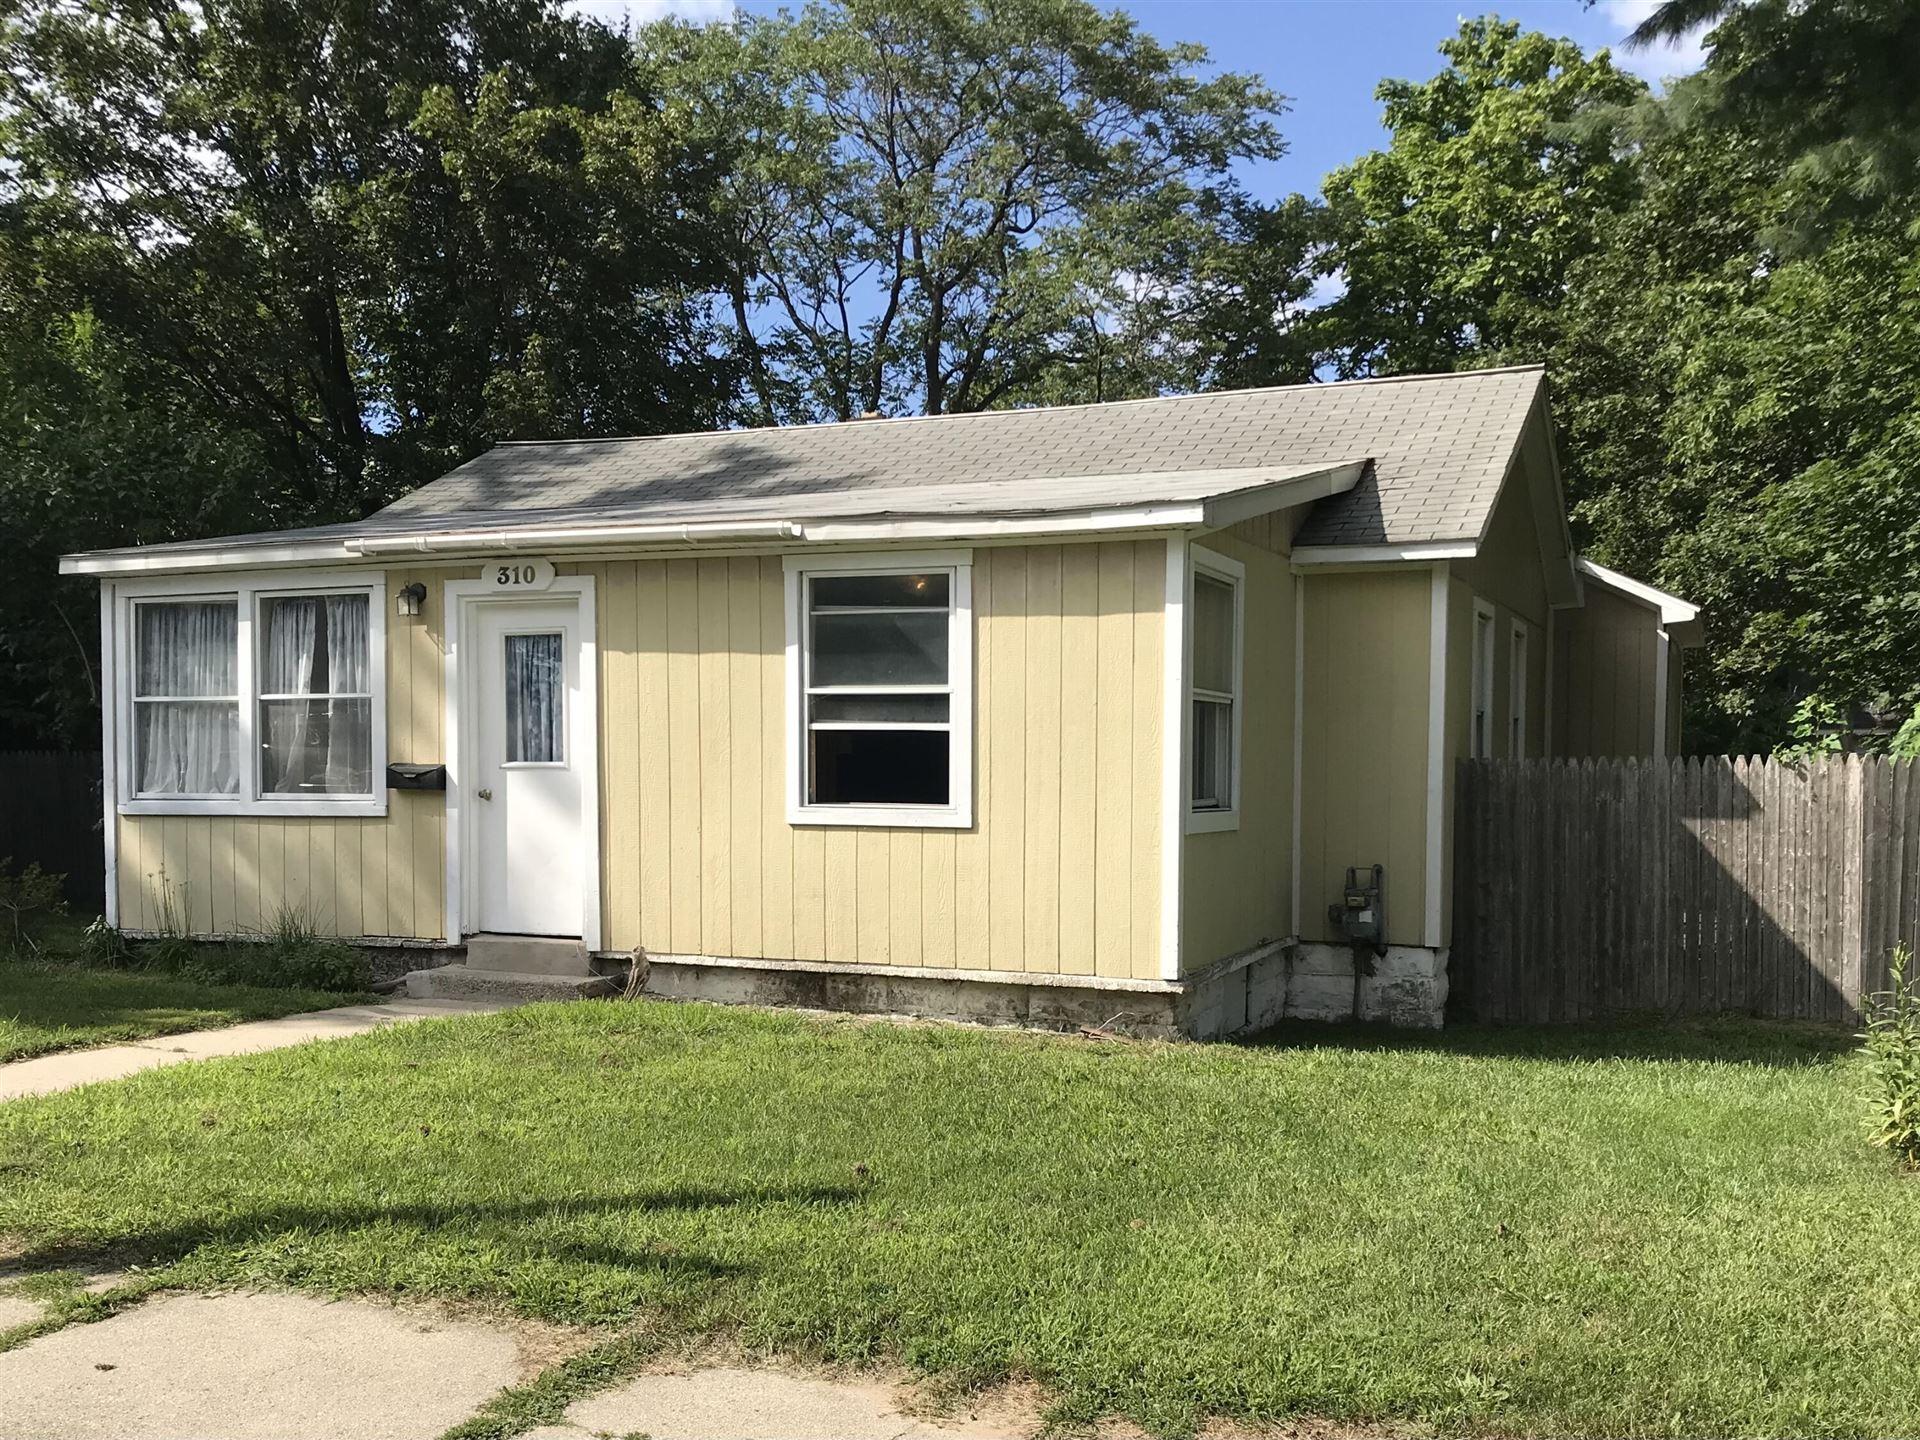 310 Wood Street, Hart, MI 49420 - MLS#: 21100720